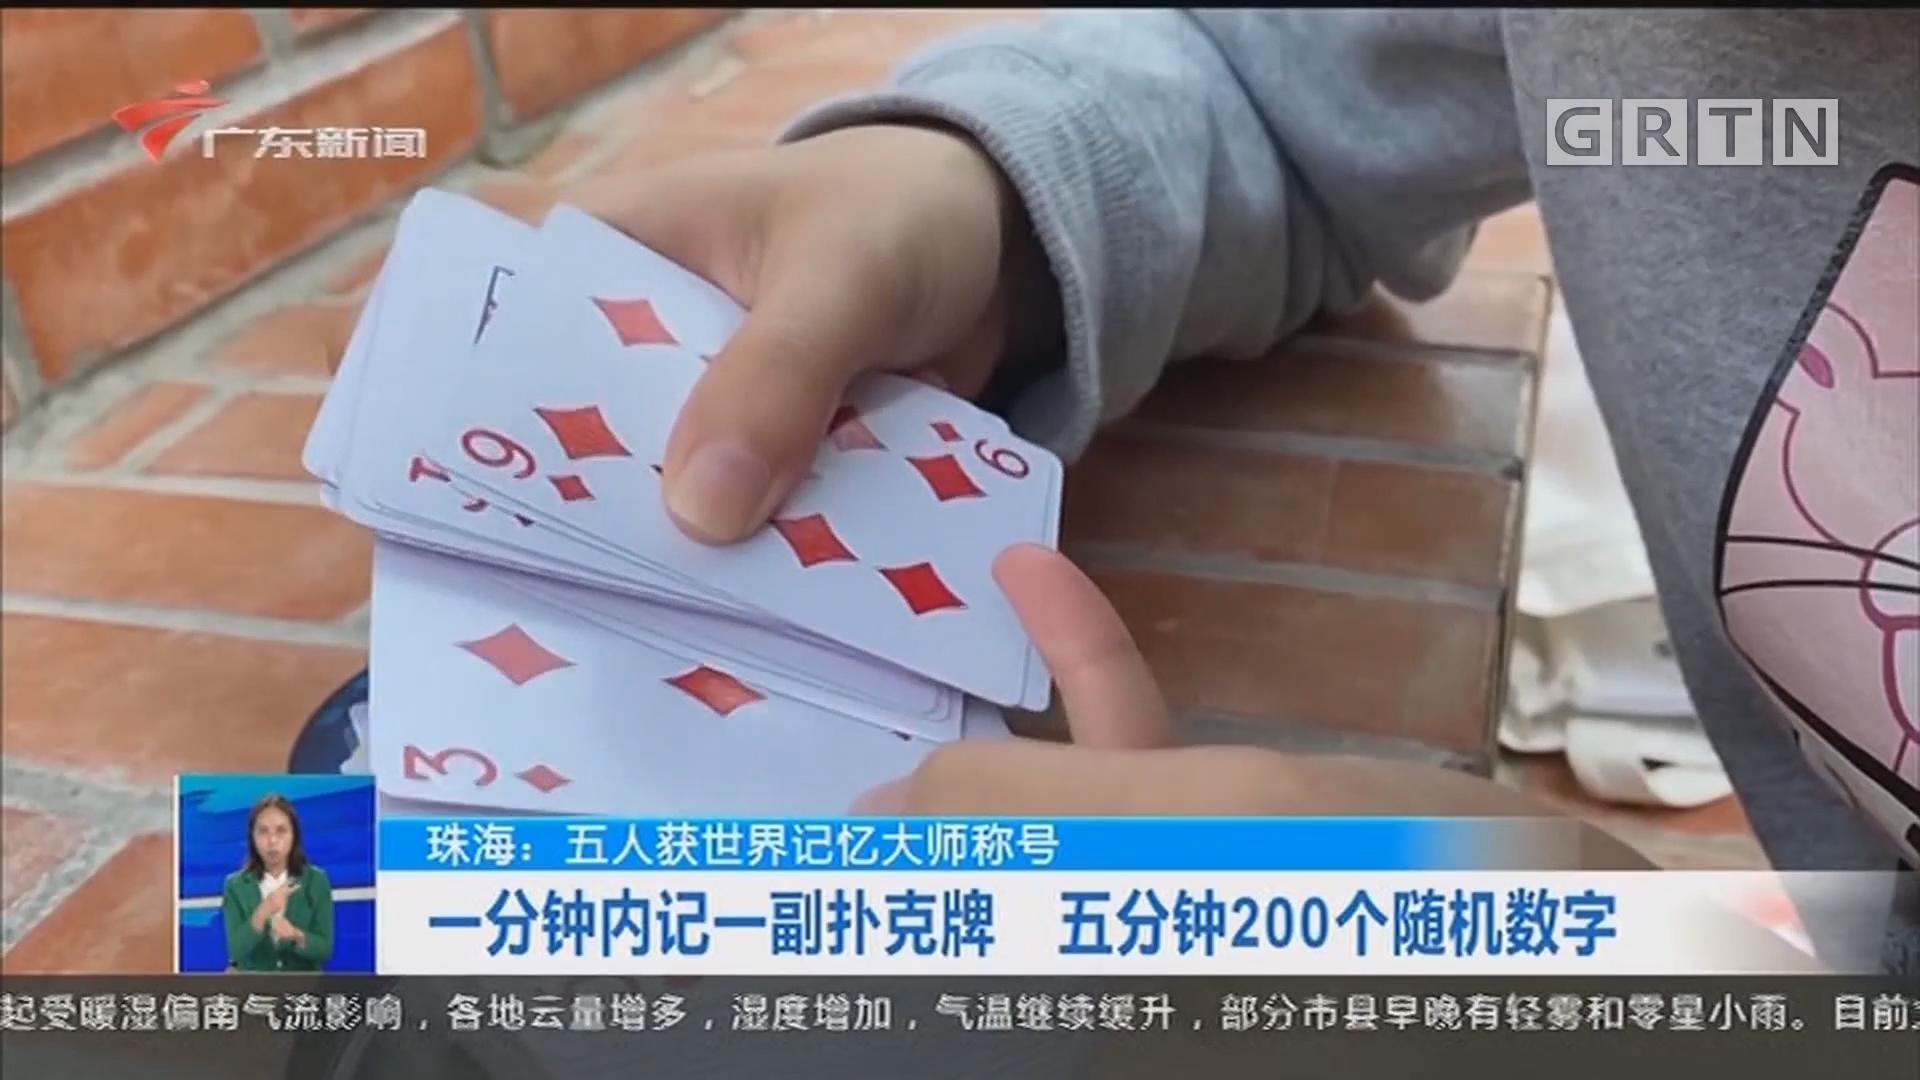 珠海:五人获世界记忆大师称号 一分钟内记一副扑克牌 五分钟200个随机数字